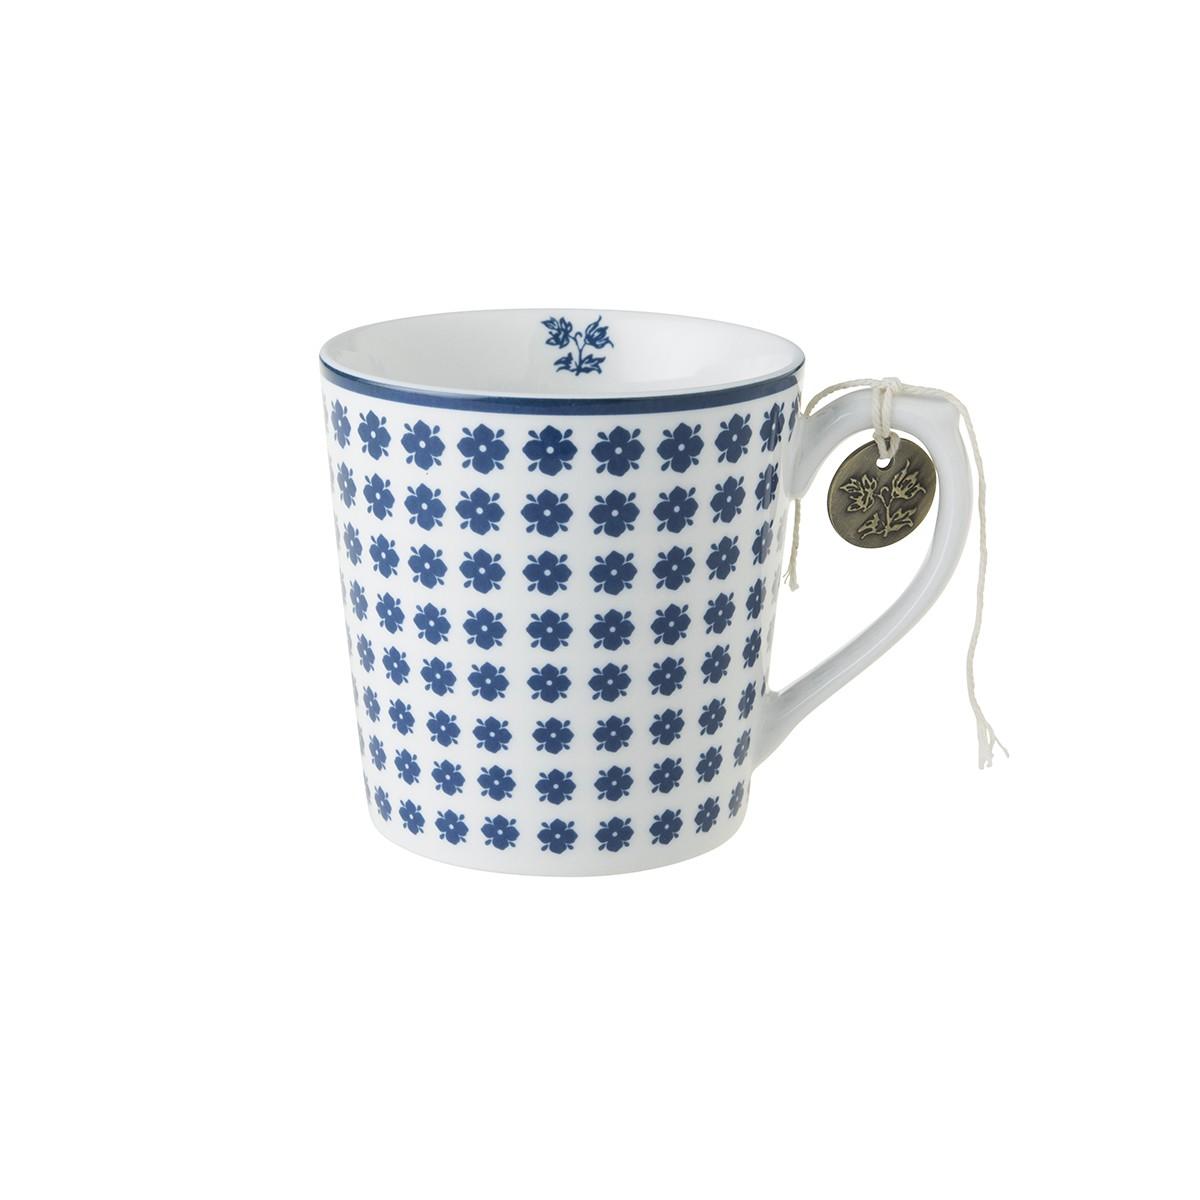 Κούπα Laura Ashley Humble Daisy New Bone China 320ml home   ειδη cafe τσαϊ   κούπες   φλυτζάνια